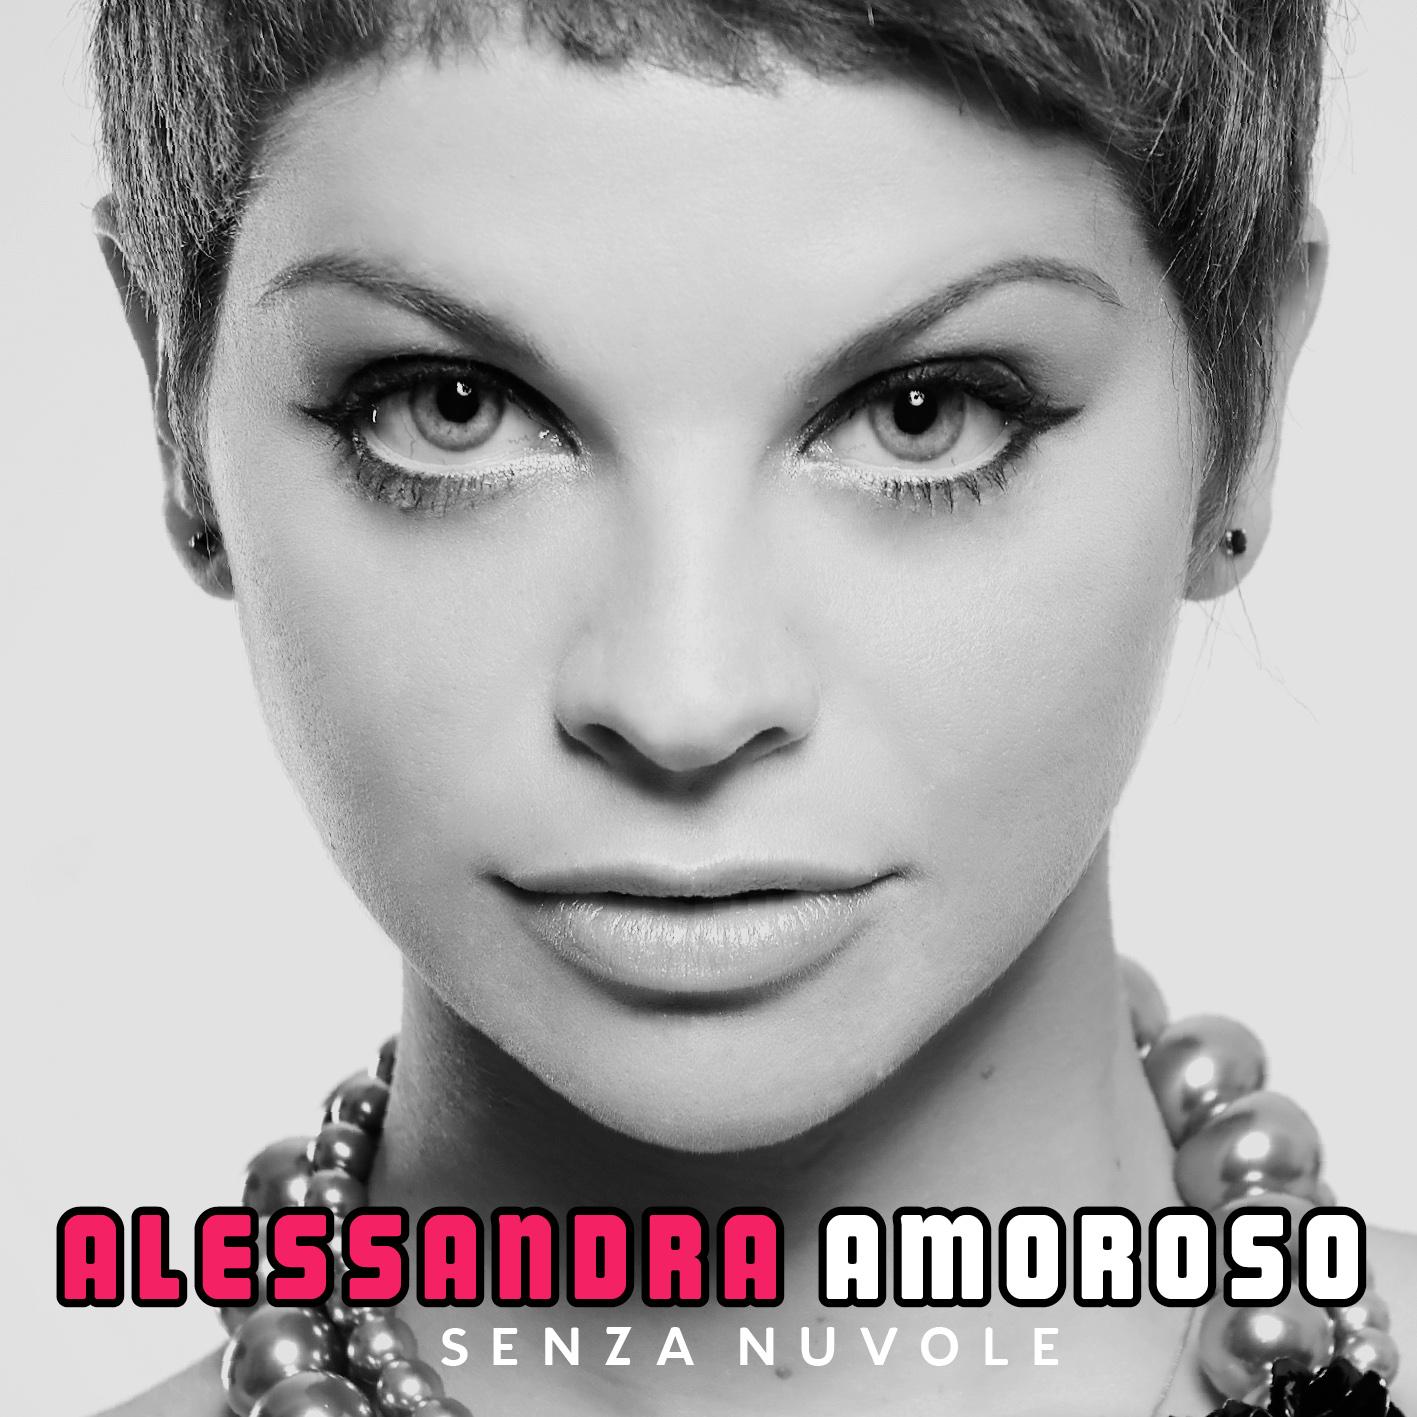 L'amore non è un Gioco - Alessandra Amoroso: Testo (lyrics), traduzione e video